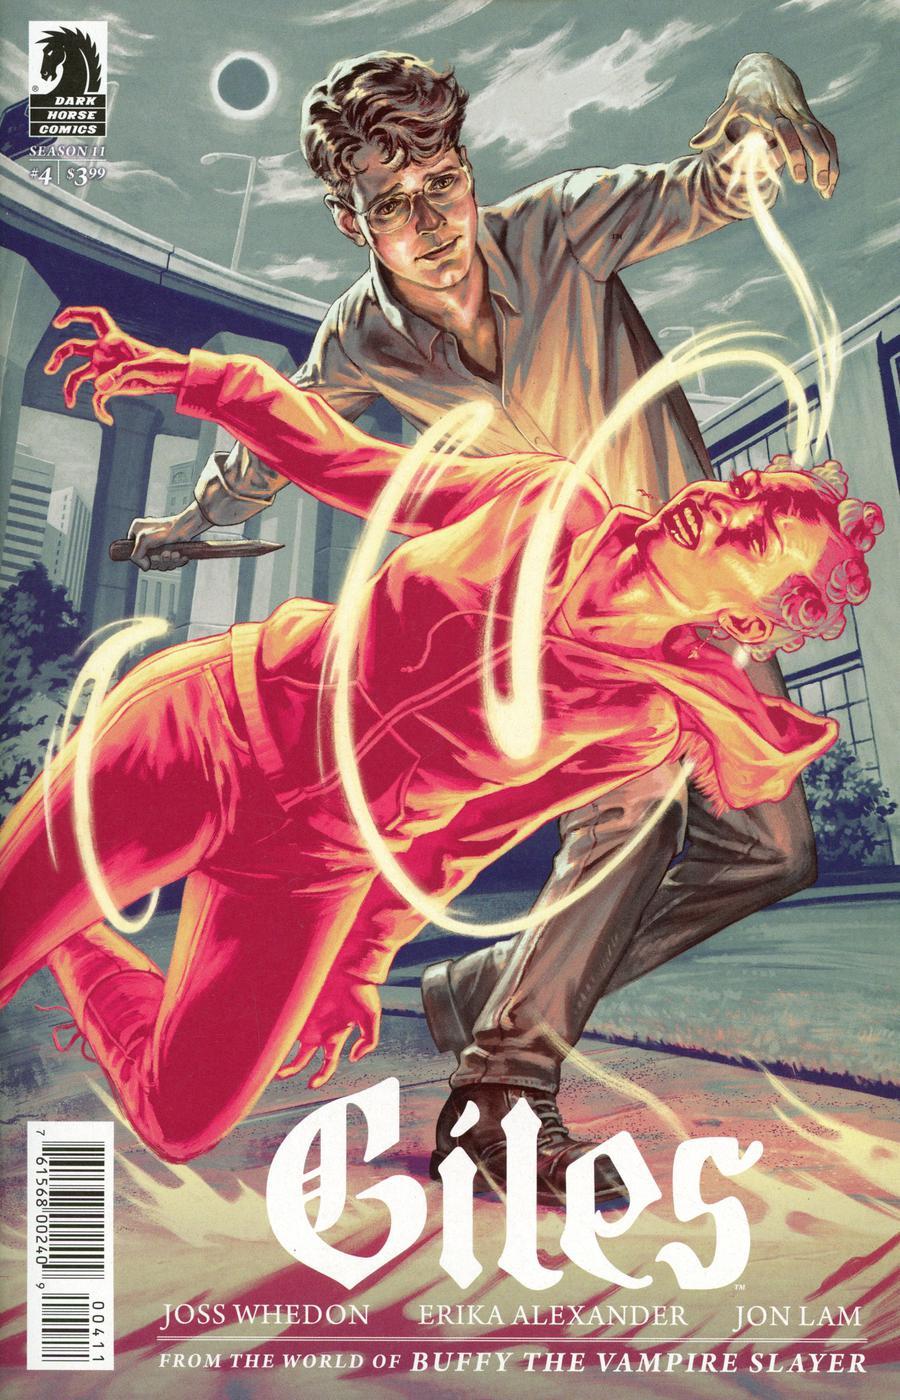 Buffy The Vampire Slayer Season 11 Giles #4 Cover A Regular Steve Morris Cover